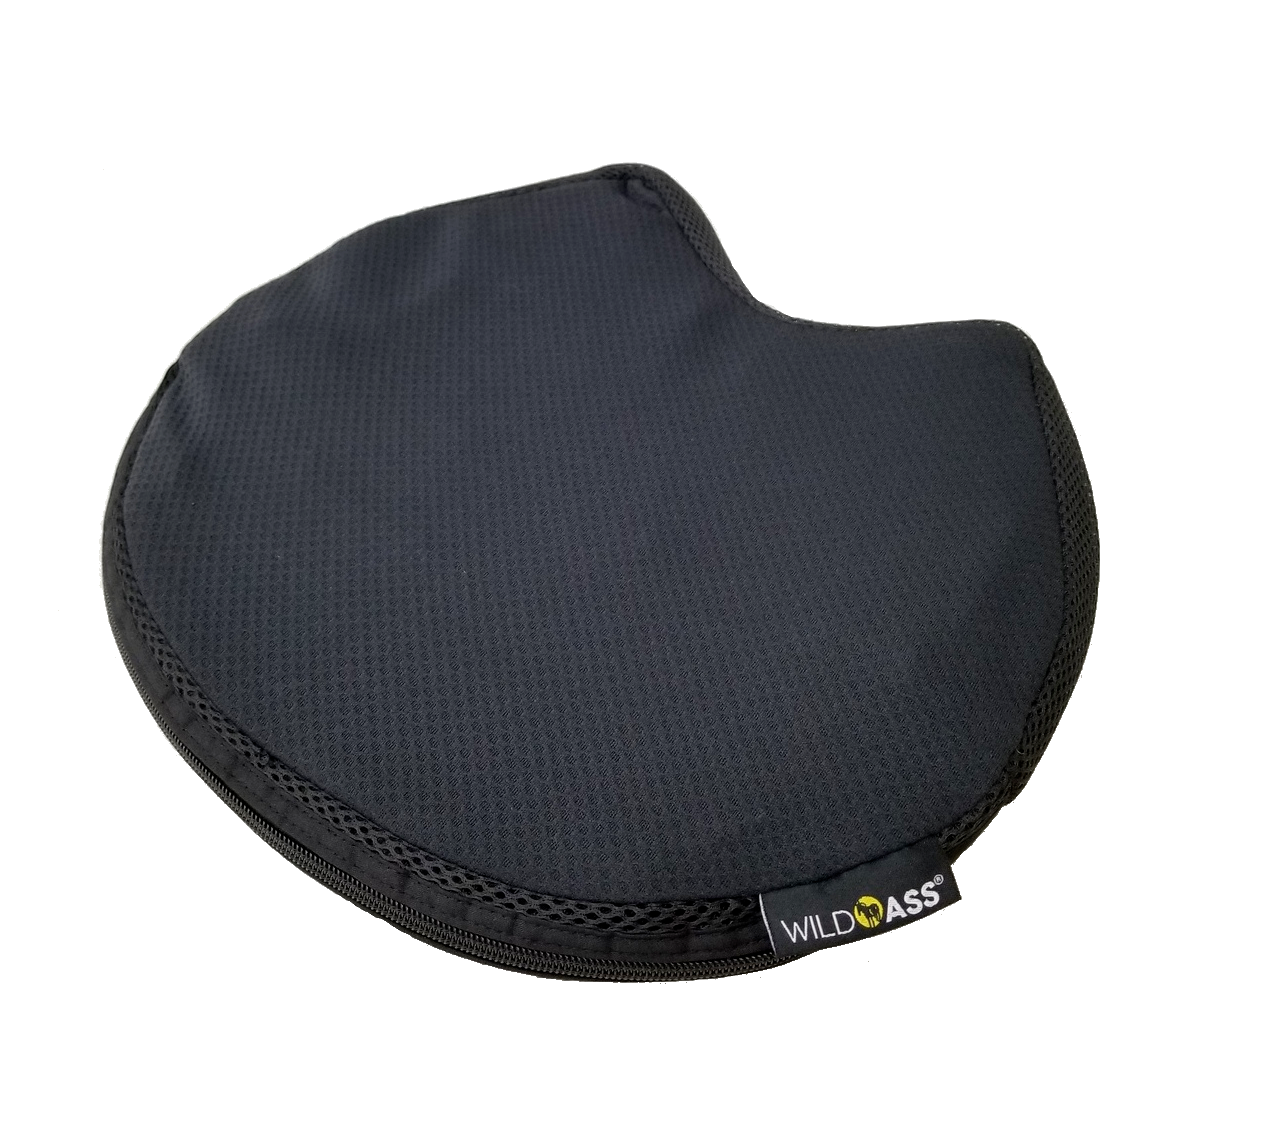 Saddle - Classic Motorcycle Cushion